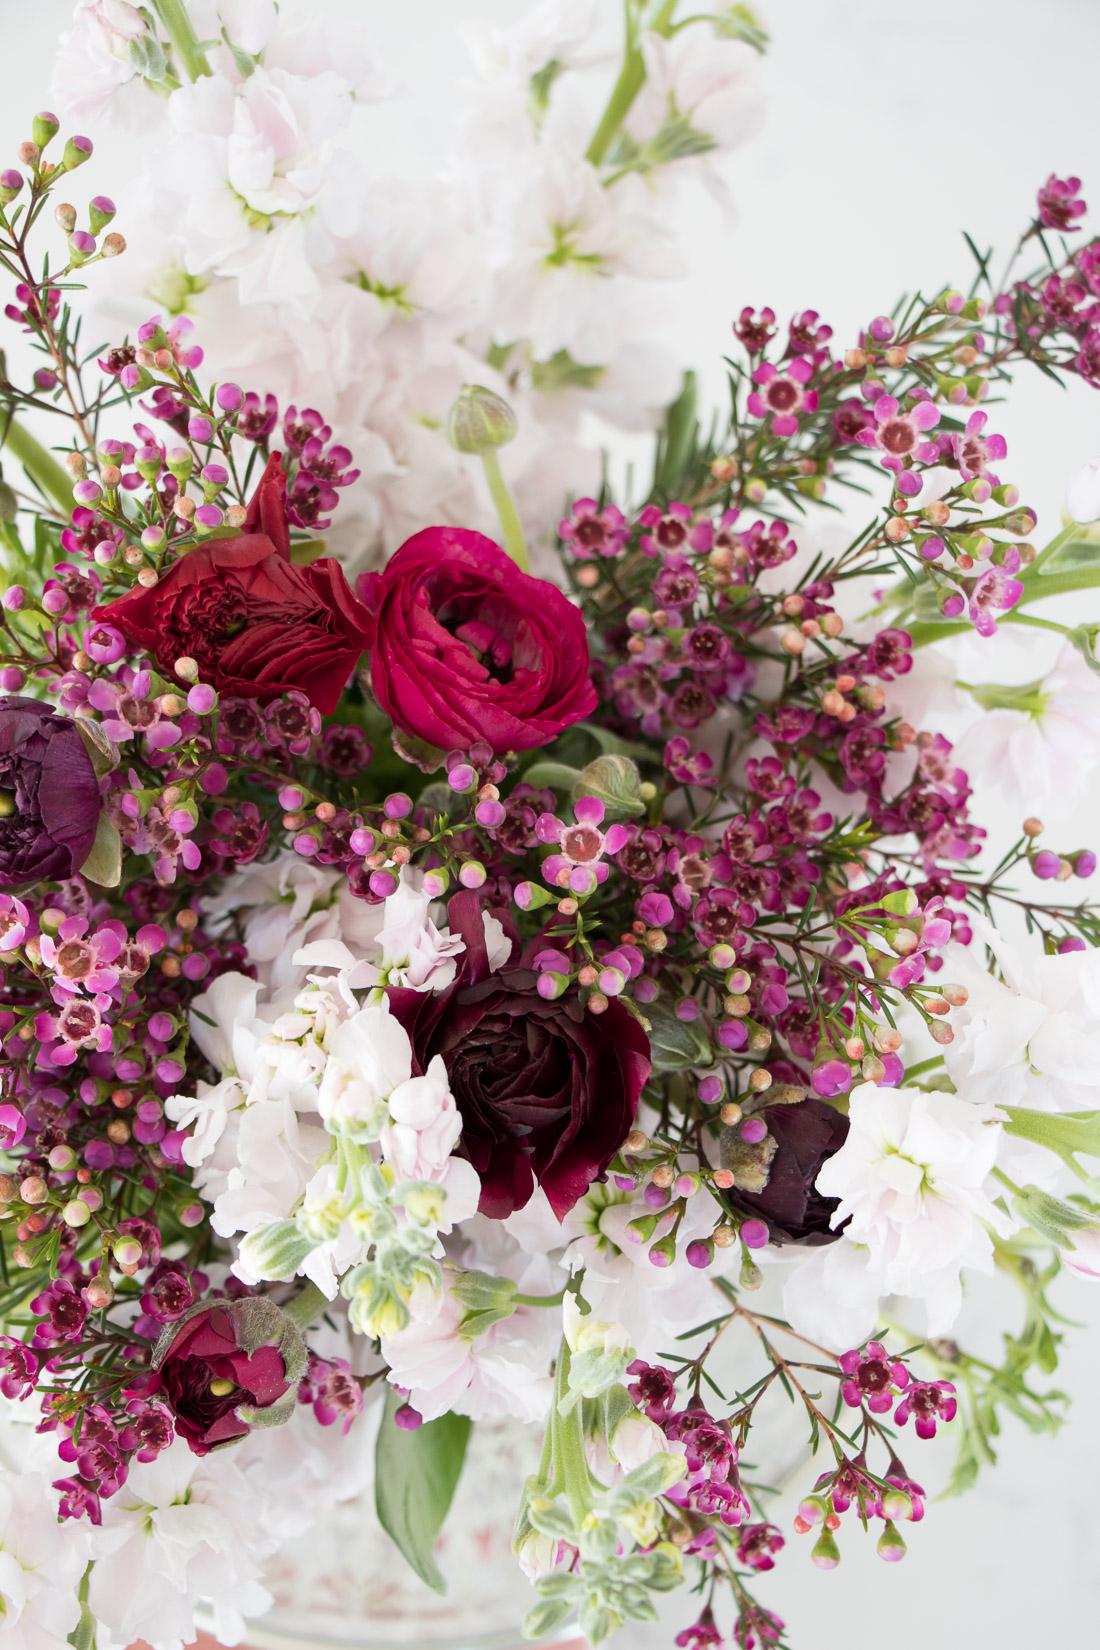 How I Arrange Fresh Cut Flowers And Keep Them Alive Longer Pumps Push Ups